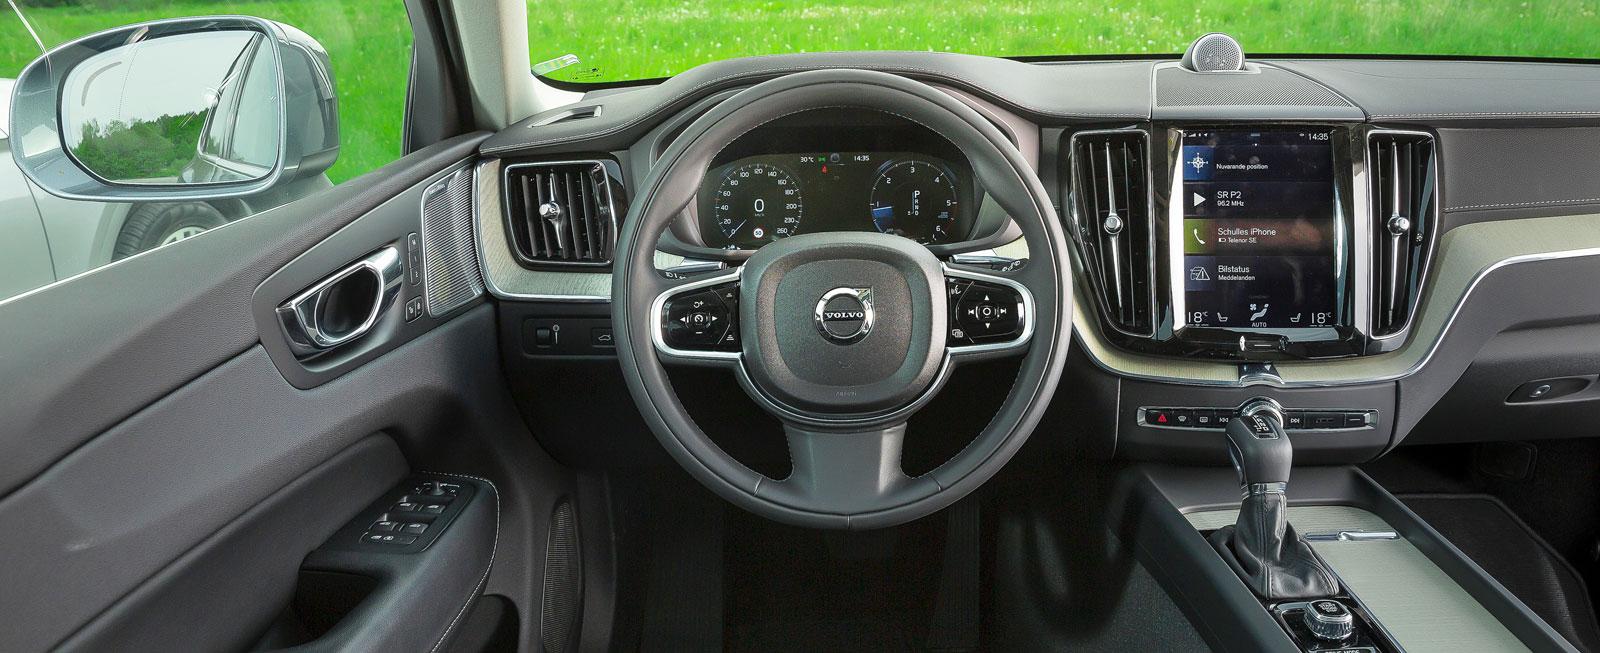 """XC60-miljön är snarlik den i XC90 men den kontrasterande """"träpanelen"""" har annan form. Bra finish, hög funktionalitet och flest trivselpoäng av förarna."""